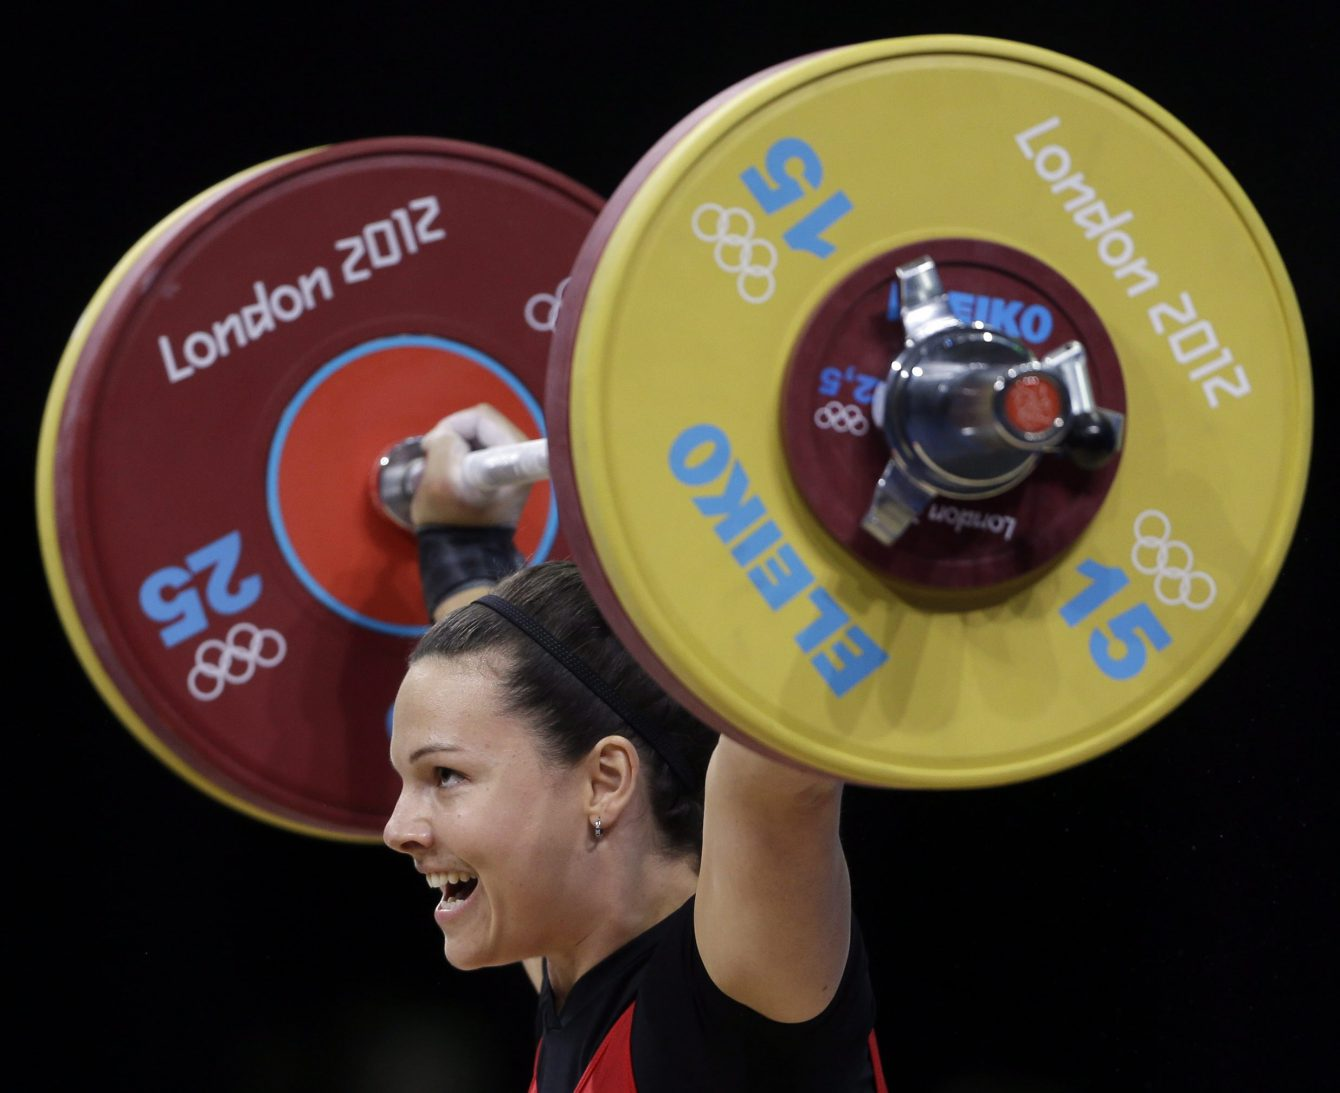 Christine Girard d'Équipe Canada prend part à l'épreuve d'haltérophilie des 63 kg à Londres 2012, le 31 juillet 2012. (AP Photo/Mike Groll)